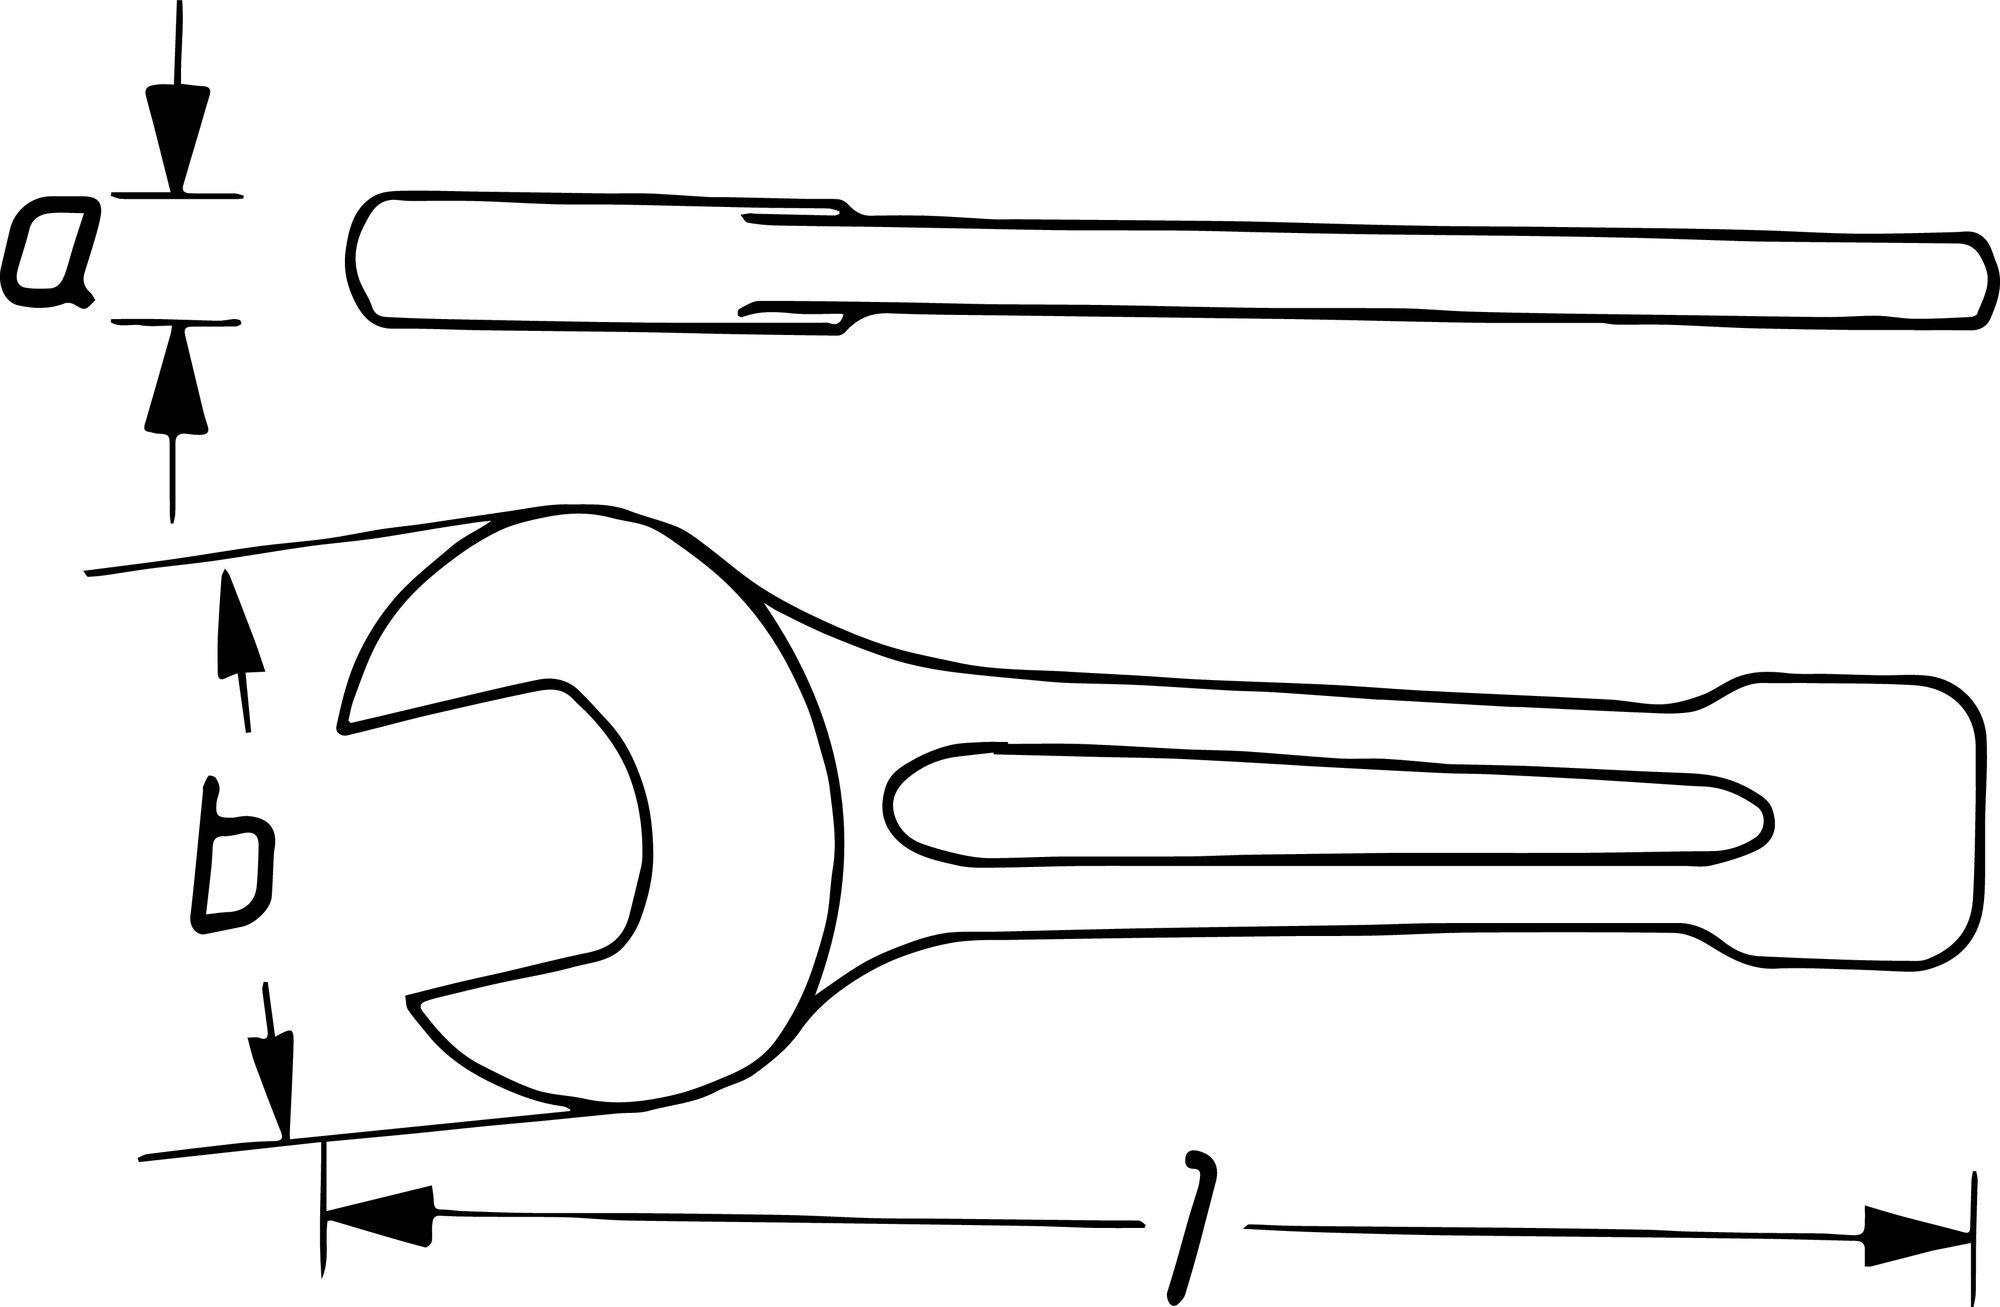 HAZET Schlag-Maulschlüssel 452-75 ∙ Außen-Sechskant Profil ∙ 75 mm